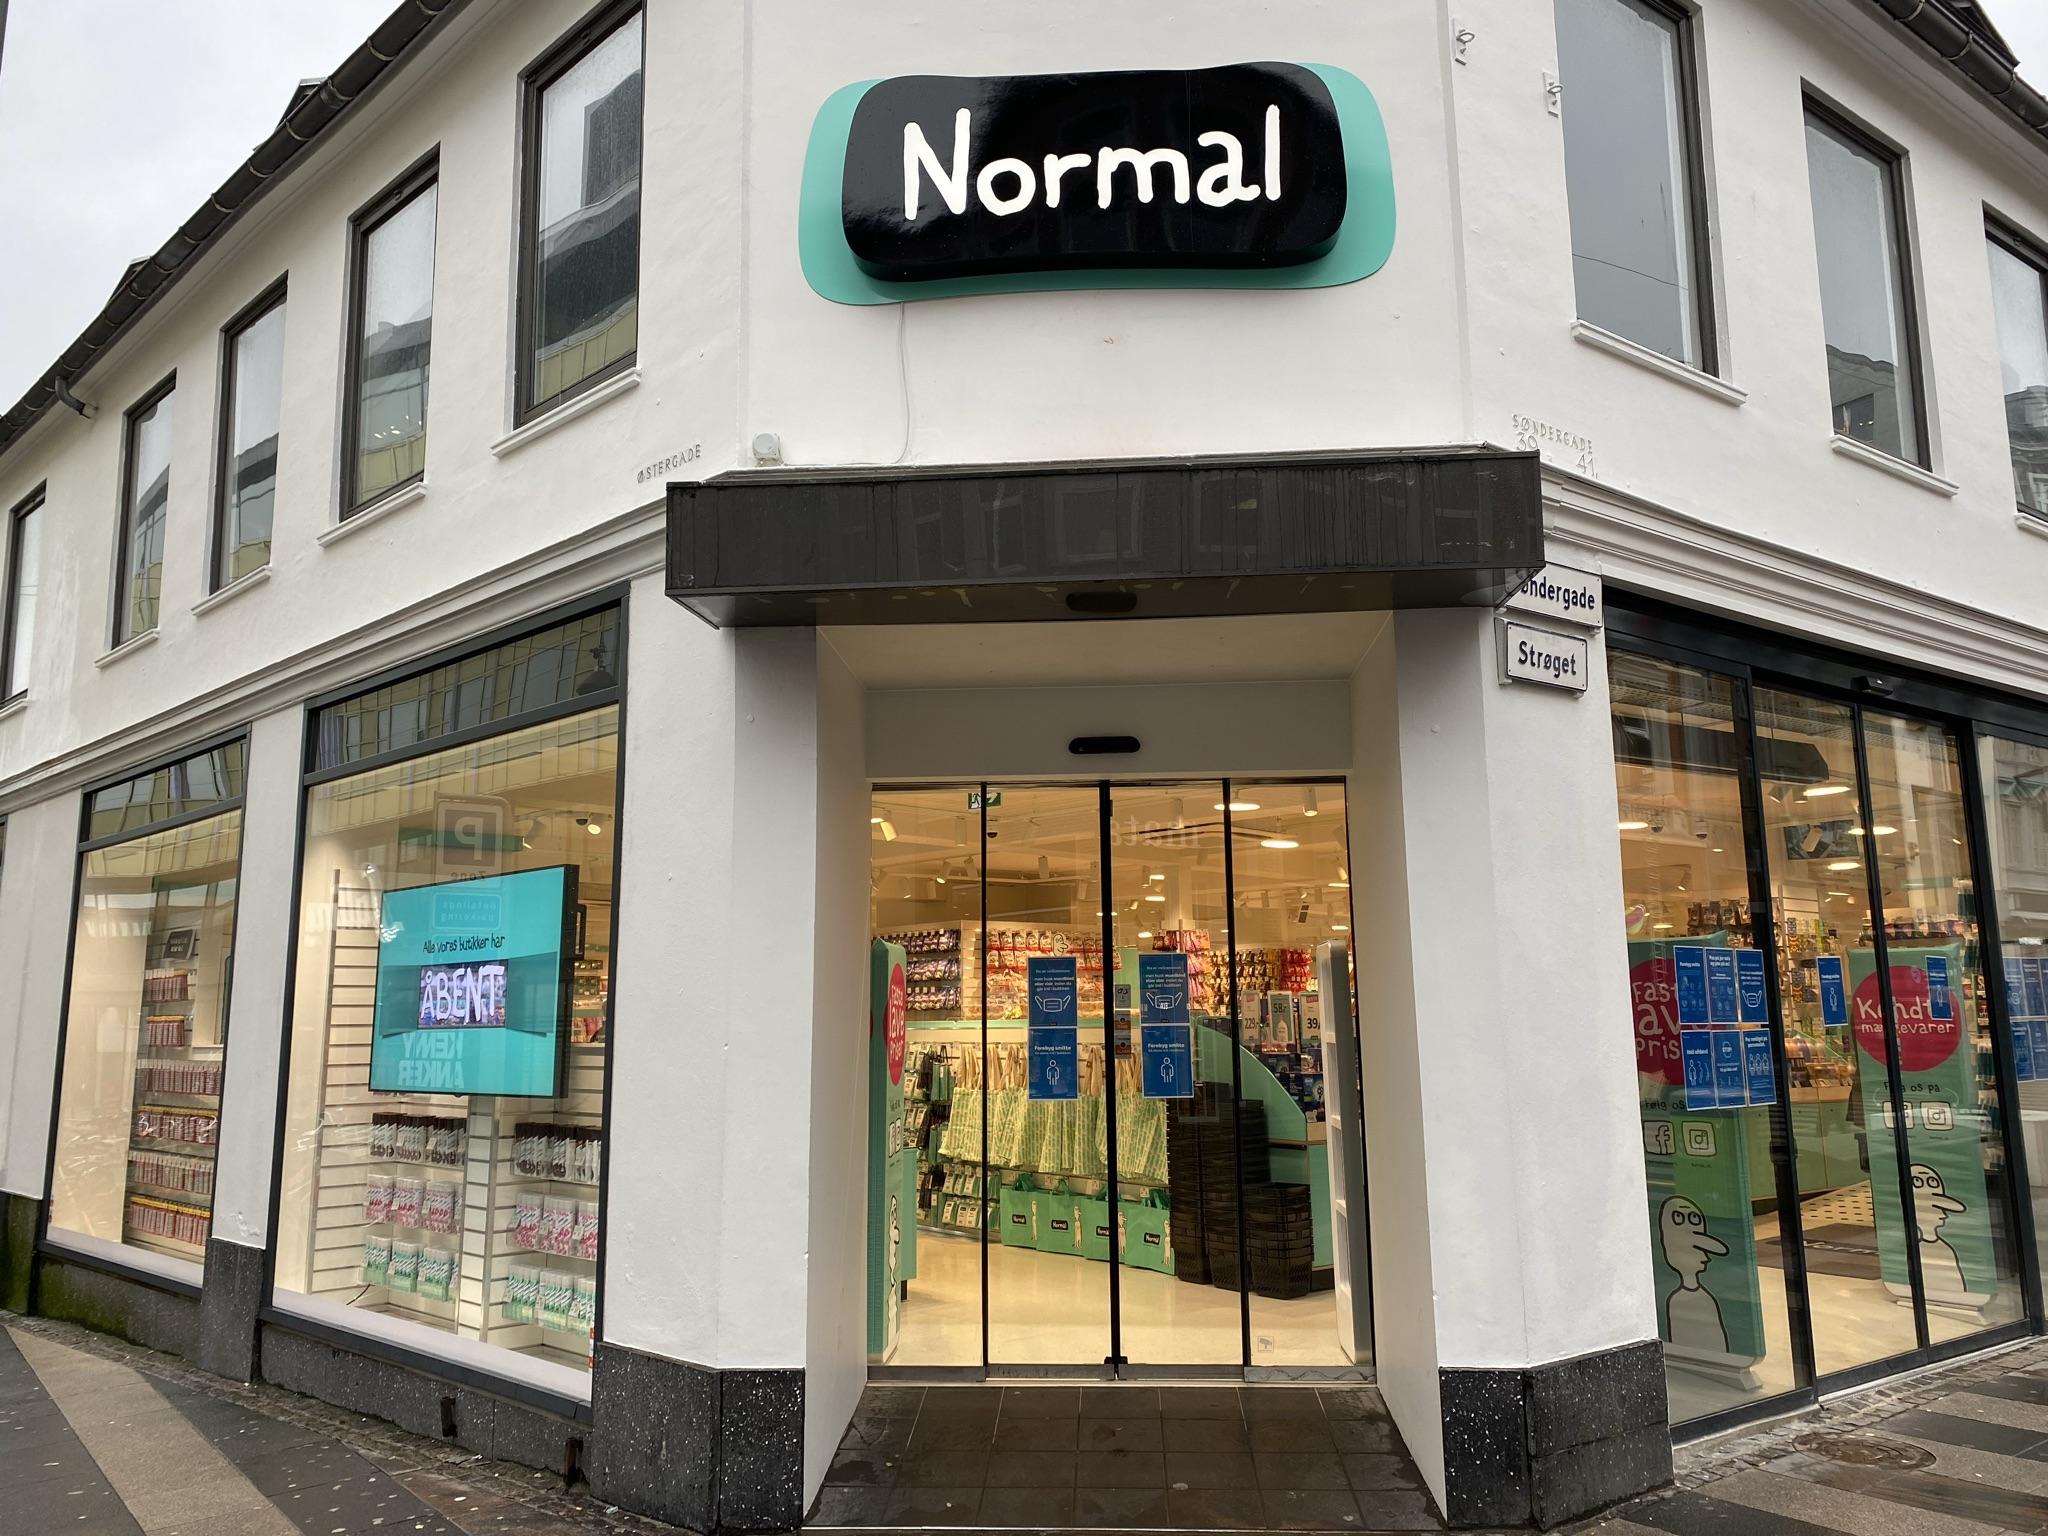 Hvad har åbent? 9 butikker i Aarhus, du måske ikke vidste, der holder åbent